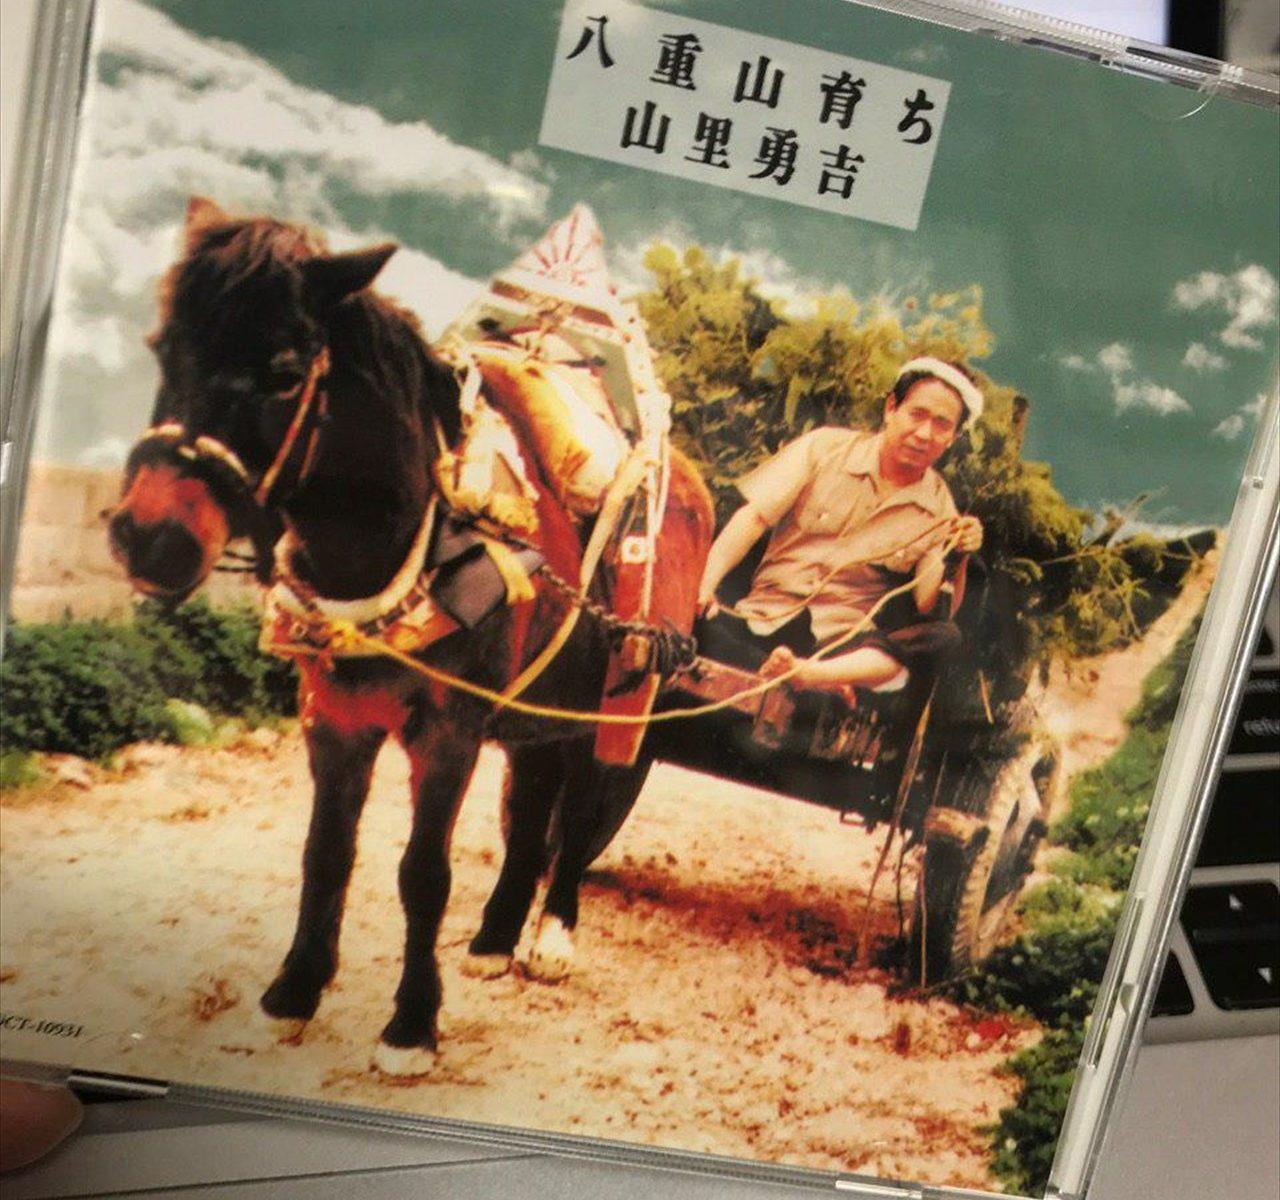 ヤイマーのウムザを偲ぶ 追悼 山里勇吉先生